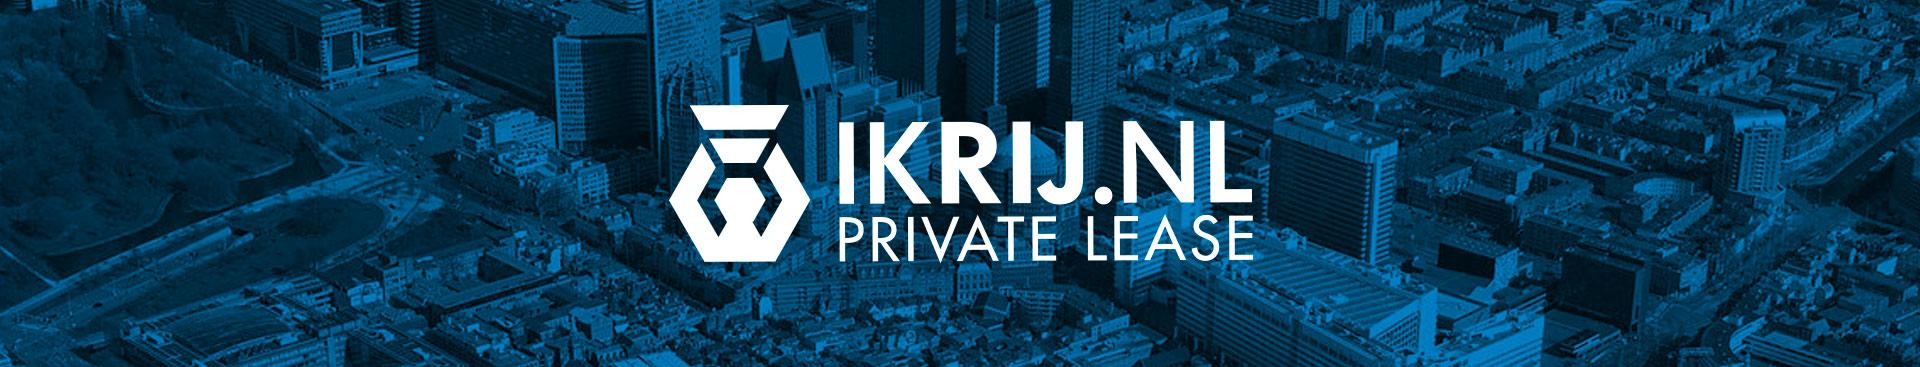 De beste private lease in Utrecht komt van IKRIJ.NL